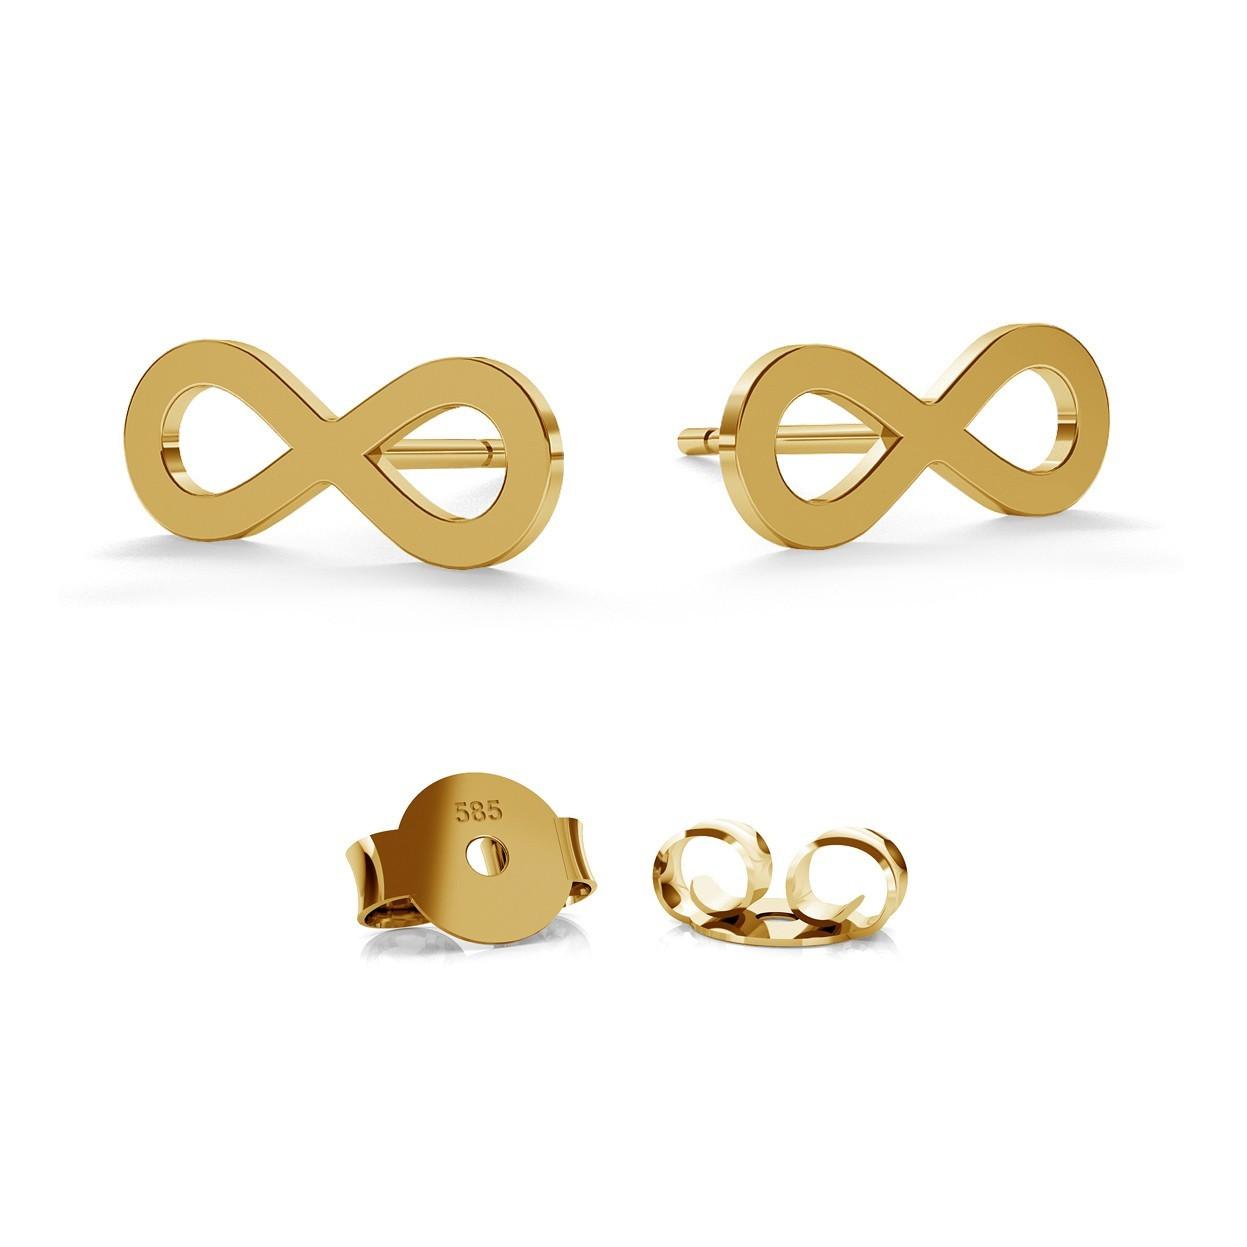 14K GOLD INFINITY SIGN EARRING, MODEL 589